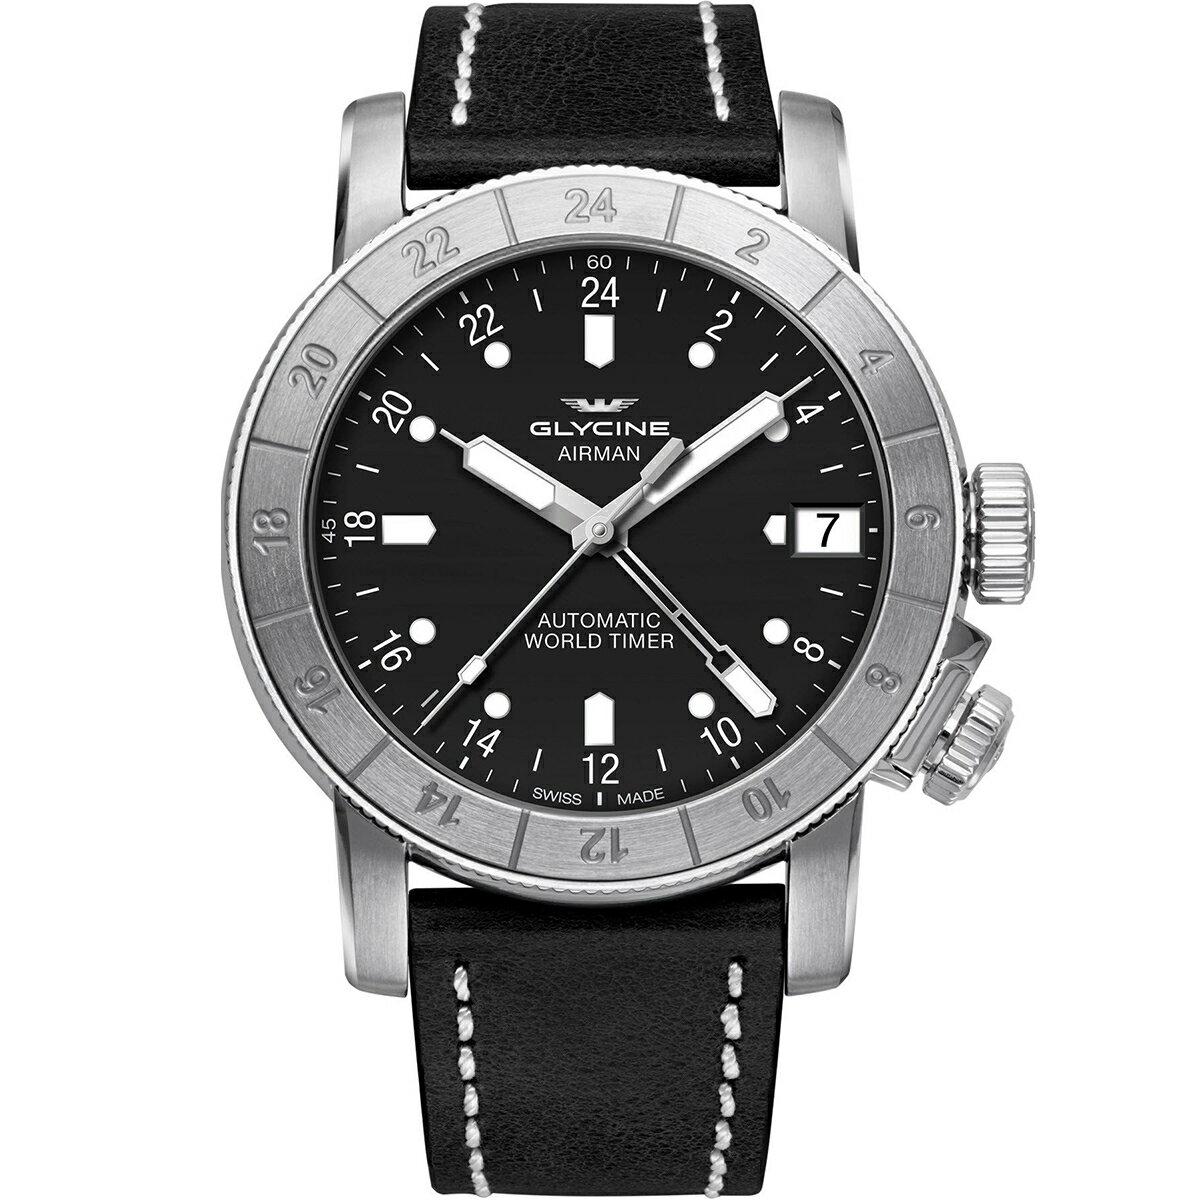 グライシン グリシン GLYCINE エアマン AIRMAN 46 GL0059 メンズ 時計 腕時計 自動巻き オートマチック スイス製 スイスメイド ワールドタイム表示